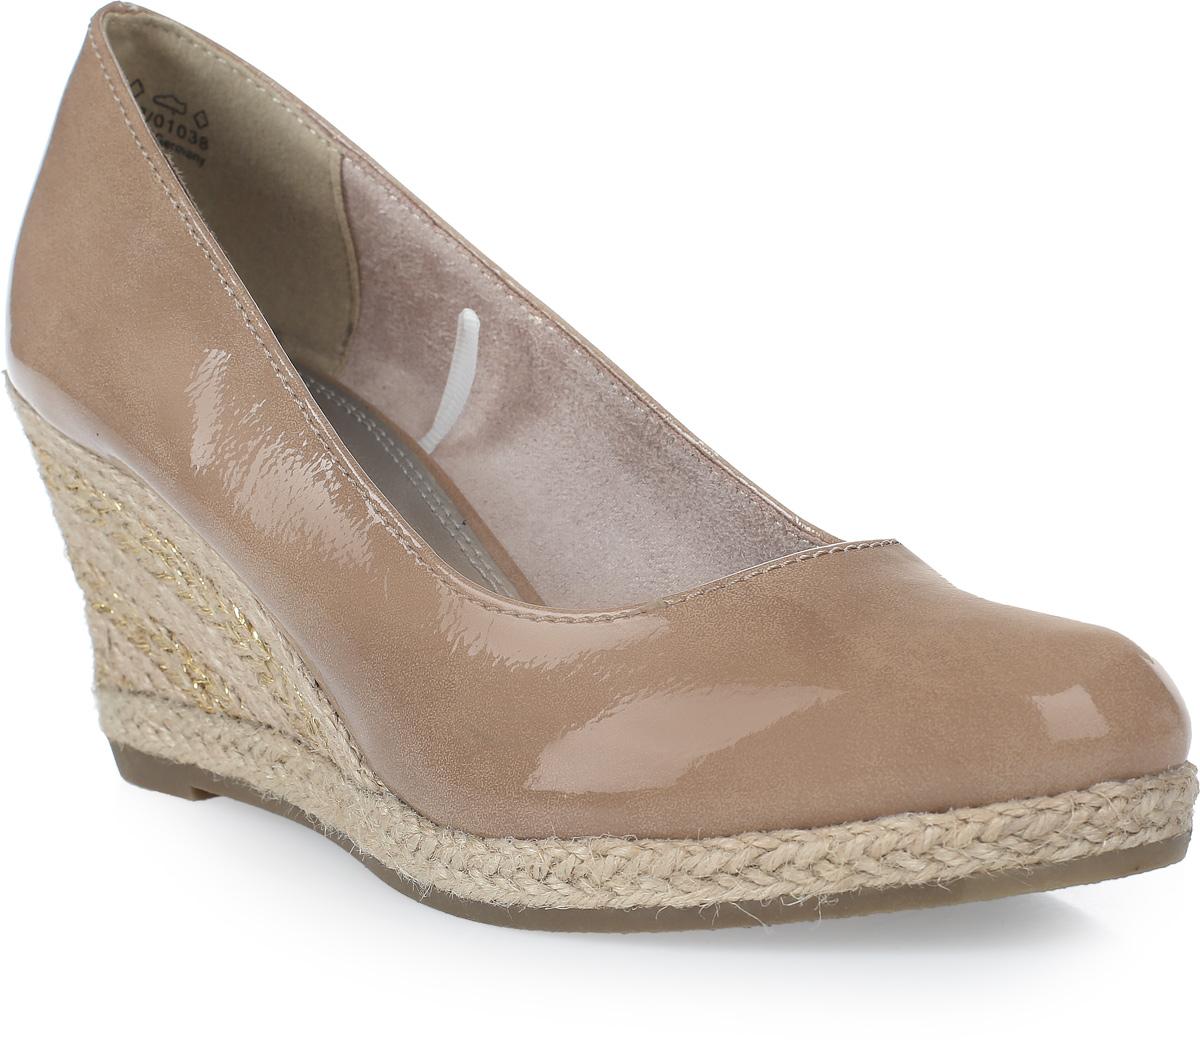 Туфли2-2-22440-28-535/215Стильные женские туфли на танкетке от Marco Tozzi займут достойное место в вашем гардеробе! Модель изготовлена из искусственной кожи и исполнена в лаконичном стиле. Подкладка и стелька из текстиля и искусственной кожи обеспечивают максимальный комфорт при ходьбе. Изысканные туфли добавят шика в модный образ и подчеркнут ваш безупречный вкус.